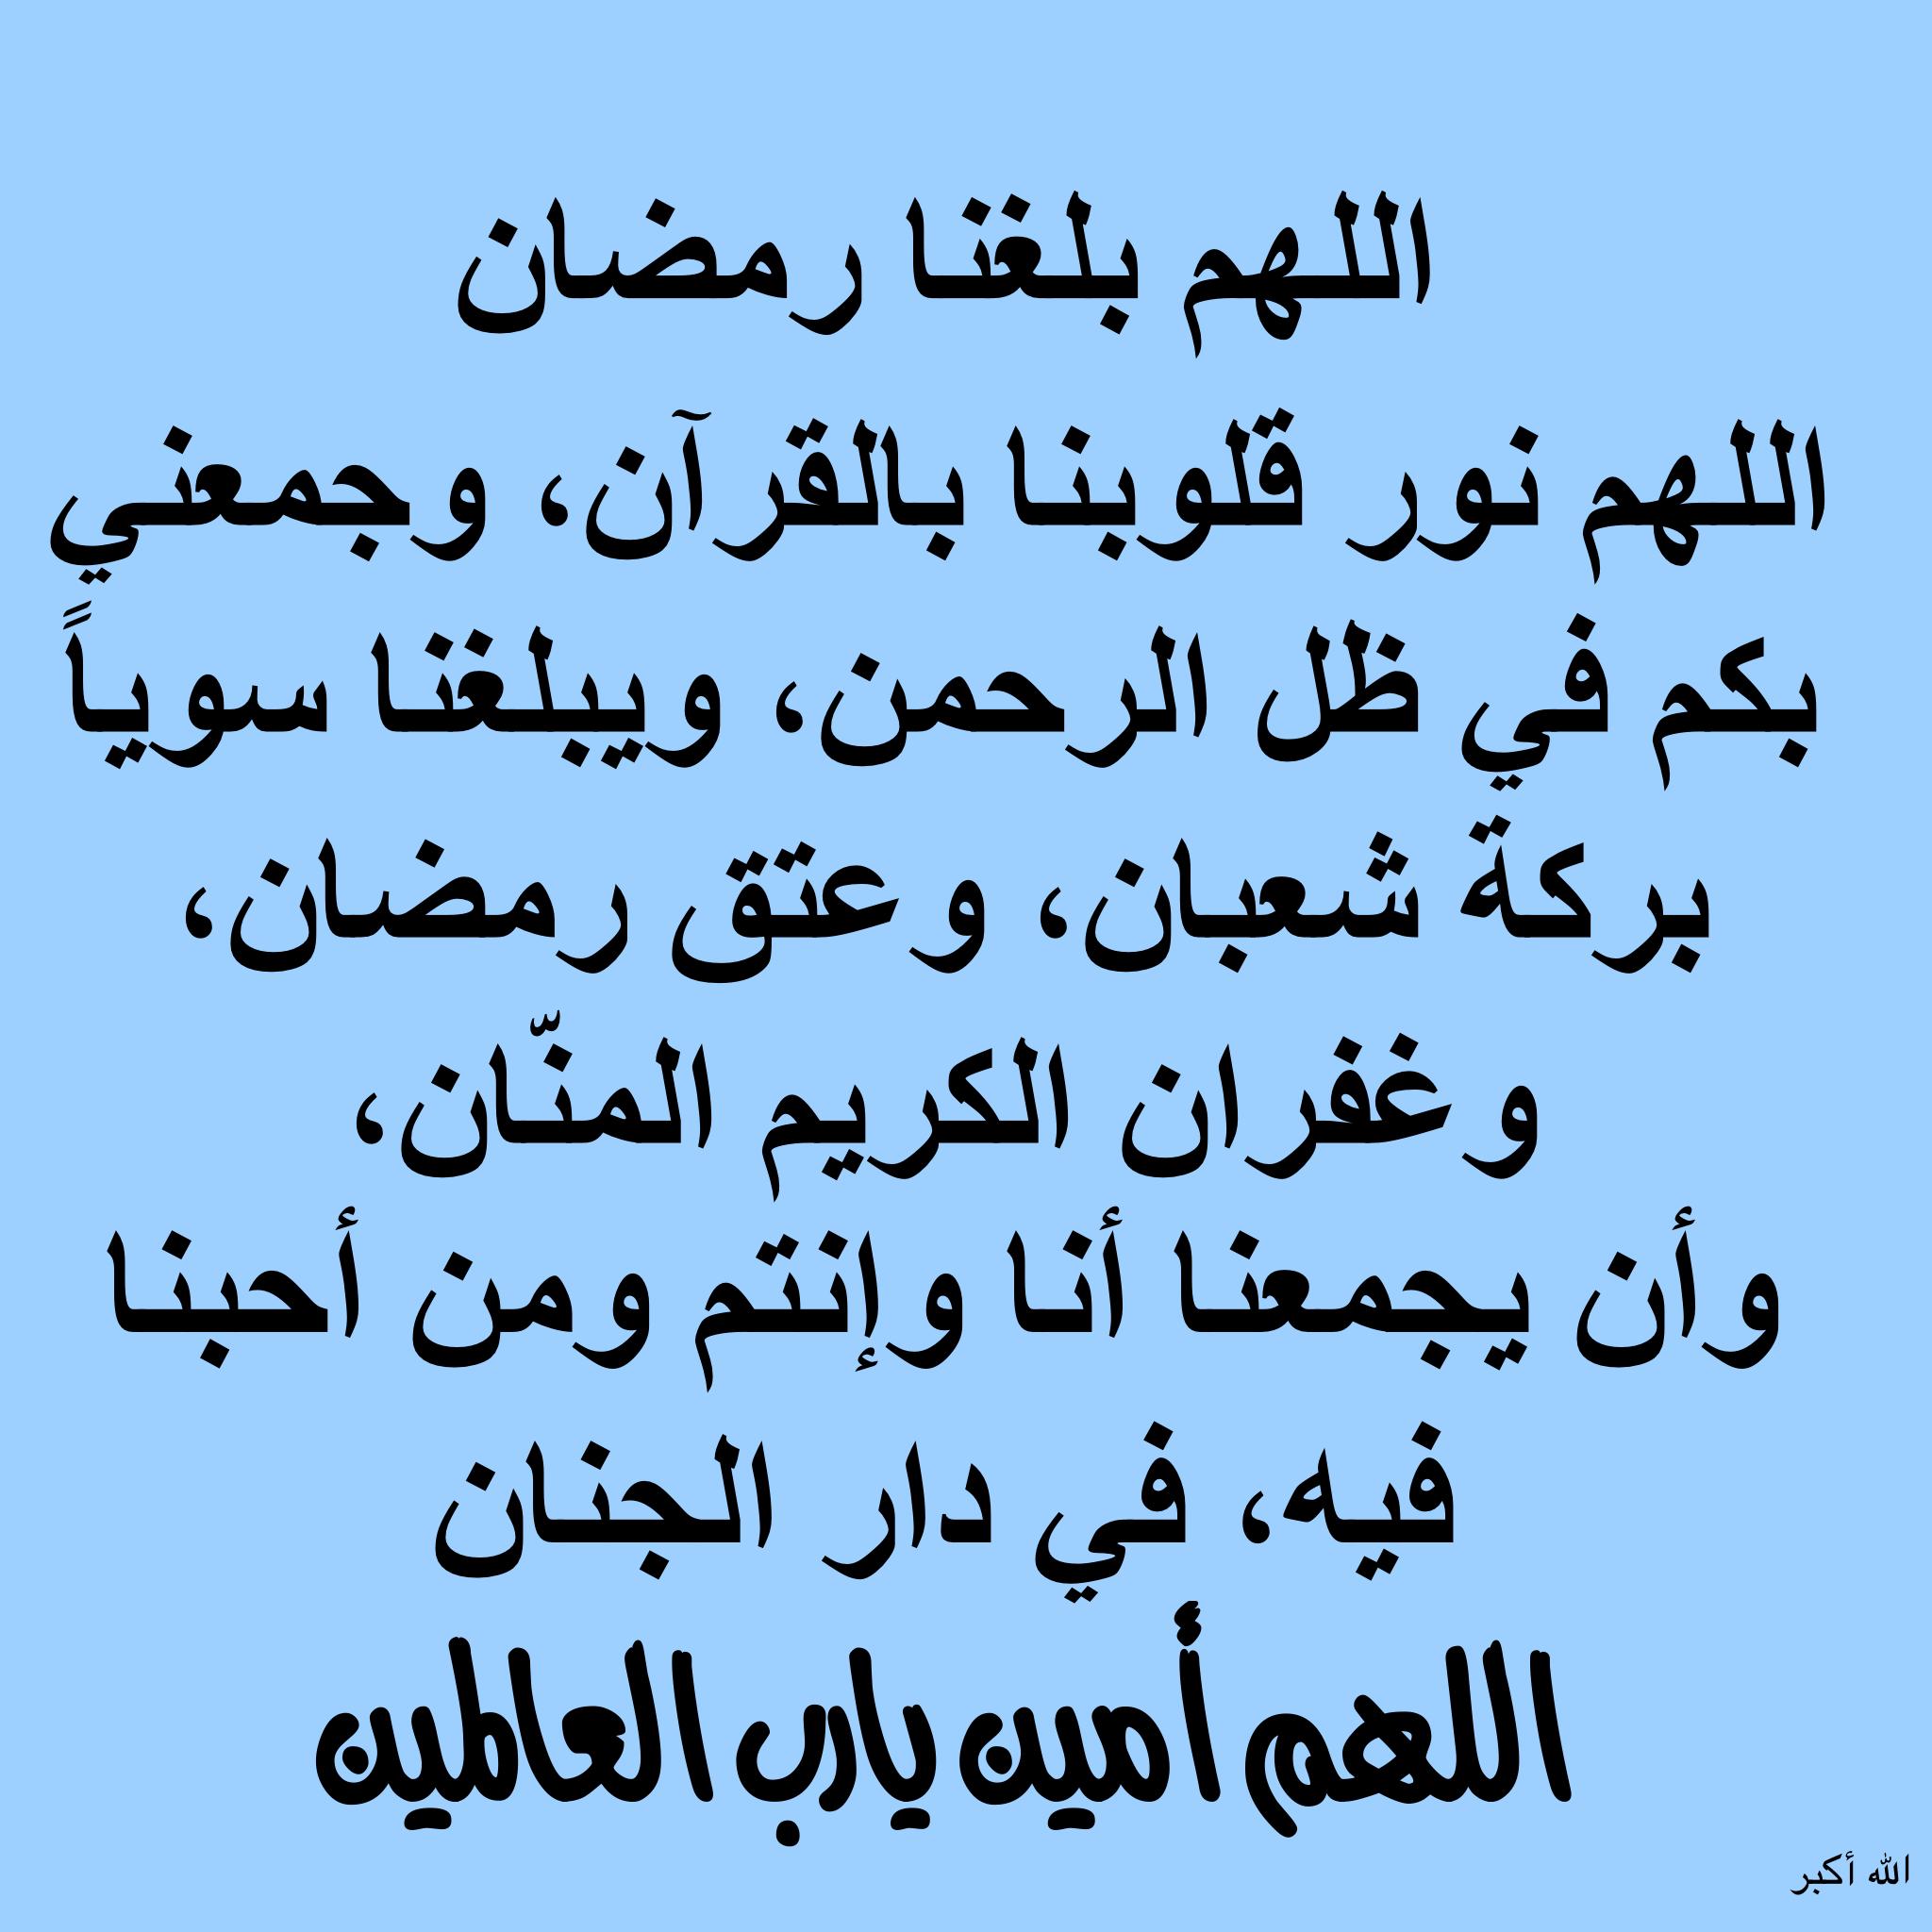 أدعيةإسلاميه أذكار دعاء صورإسلامية الله الله اكبر استغفر الله مسلم قرأن رمضان Ramadan Ramadan Kareem Lie